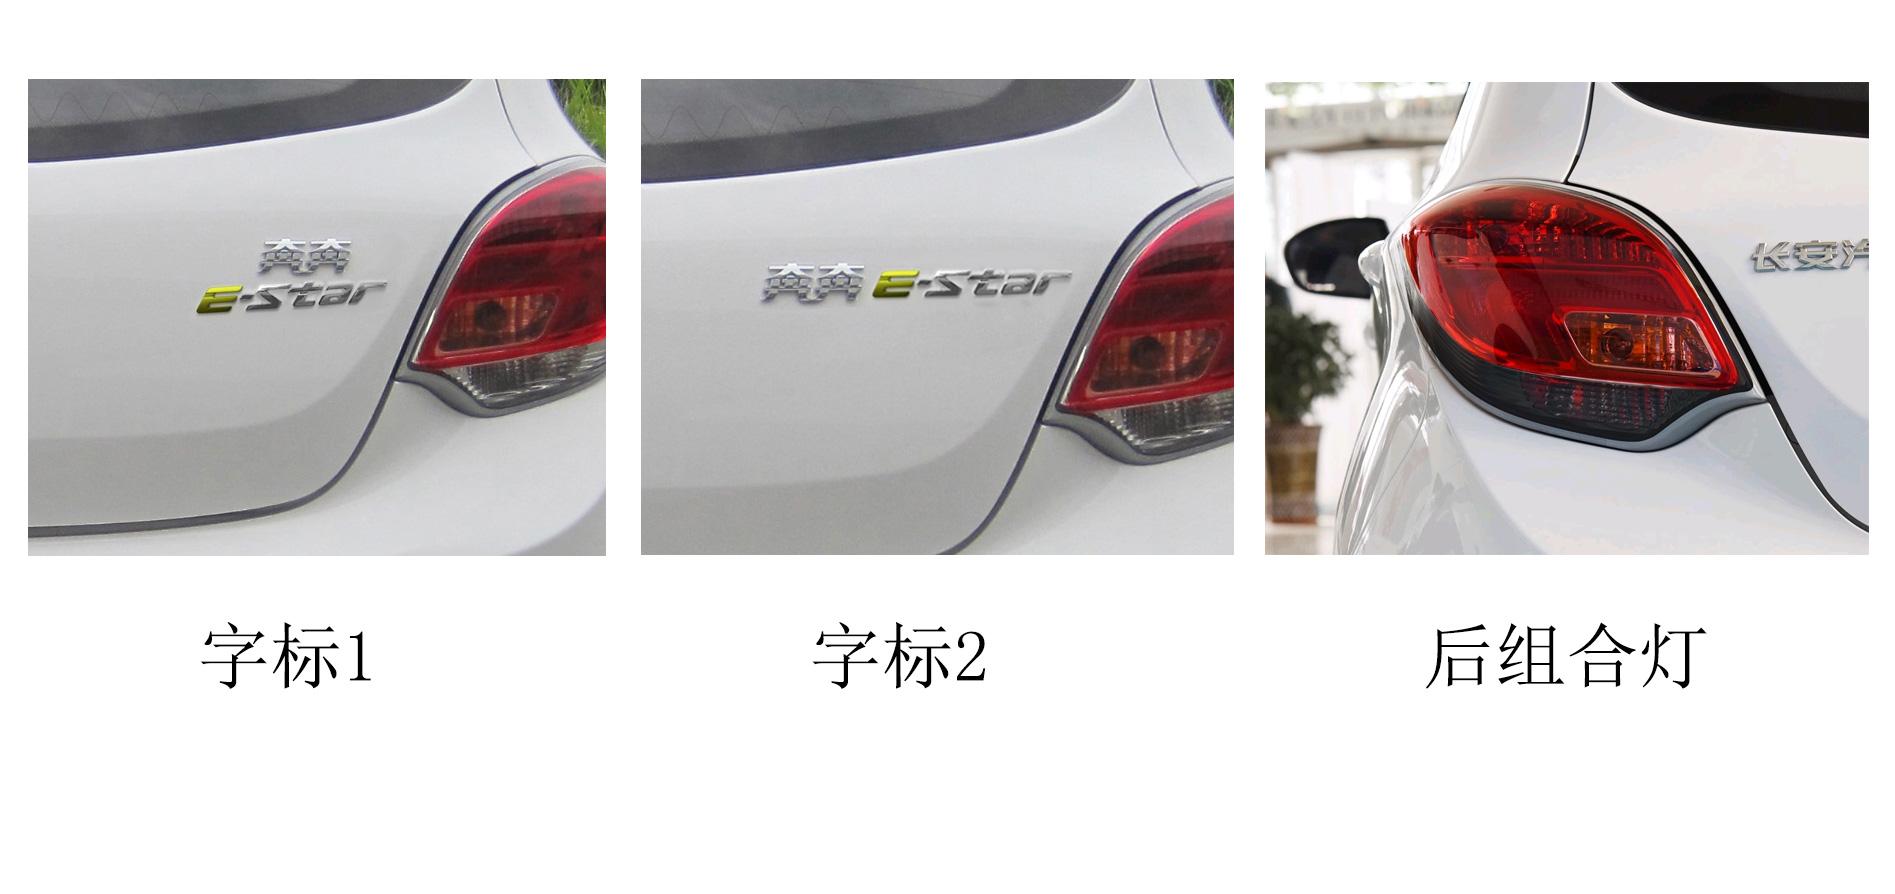 GX221012_xzzp1_1566802897249.jpg